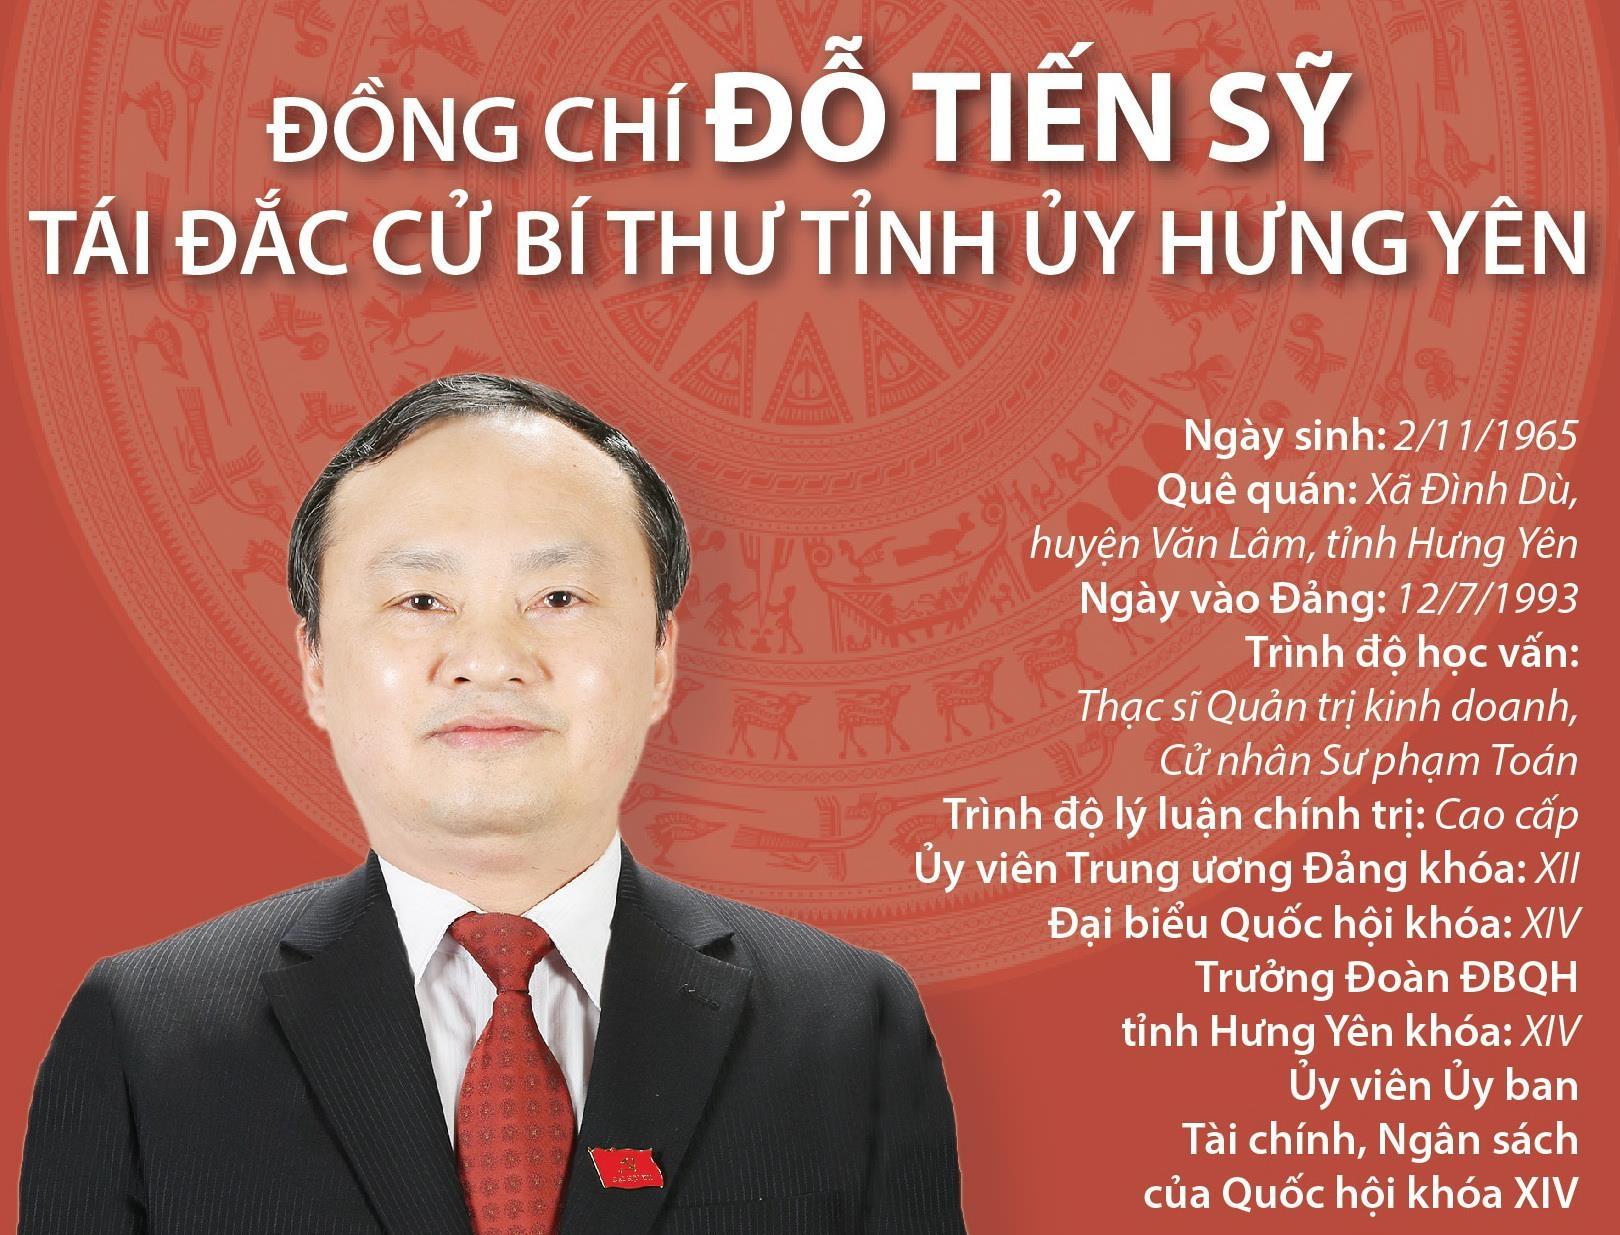 ong do tien sy tai dac cu bi thu tinh uy hung yen